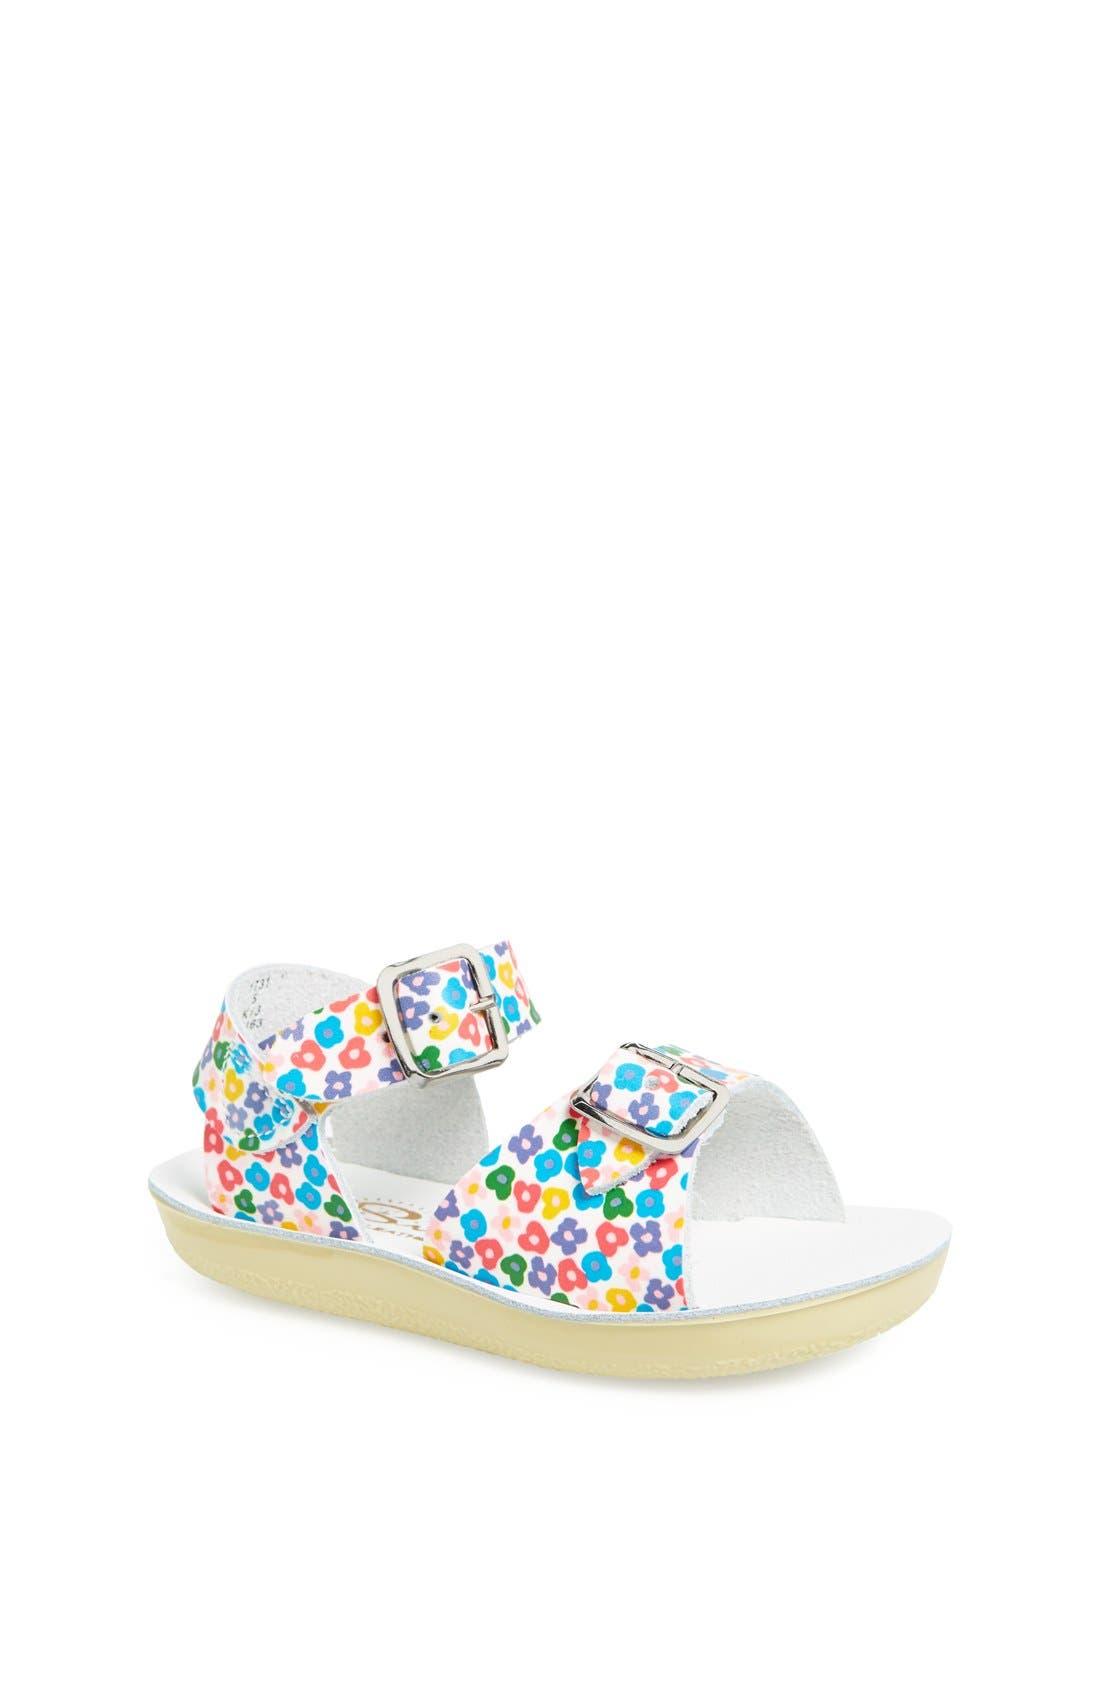 Alternate Image 1 Selected - Salt Water Sandals by Hoy 'Surfer' Sandal (Baby & Walker)